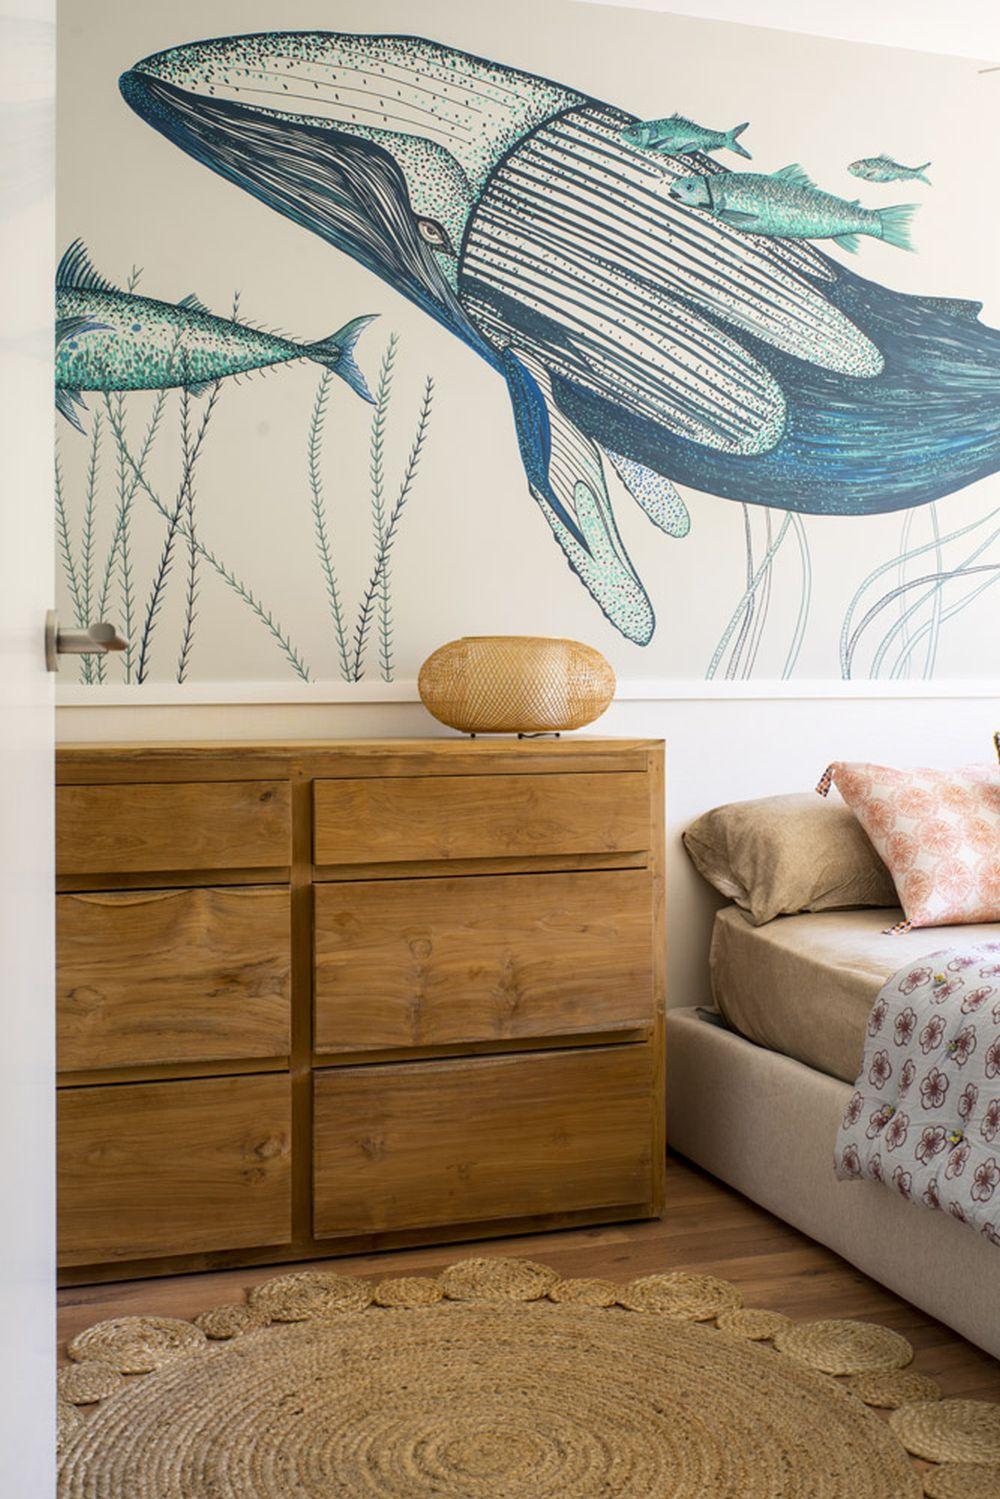 adelaparvu-com-despre-casa-in-stil-mediteranean-barcelona-designer-meritxell-ribe-16